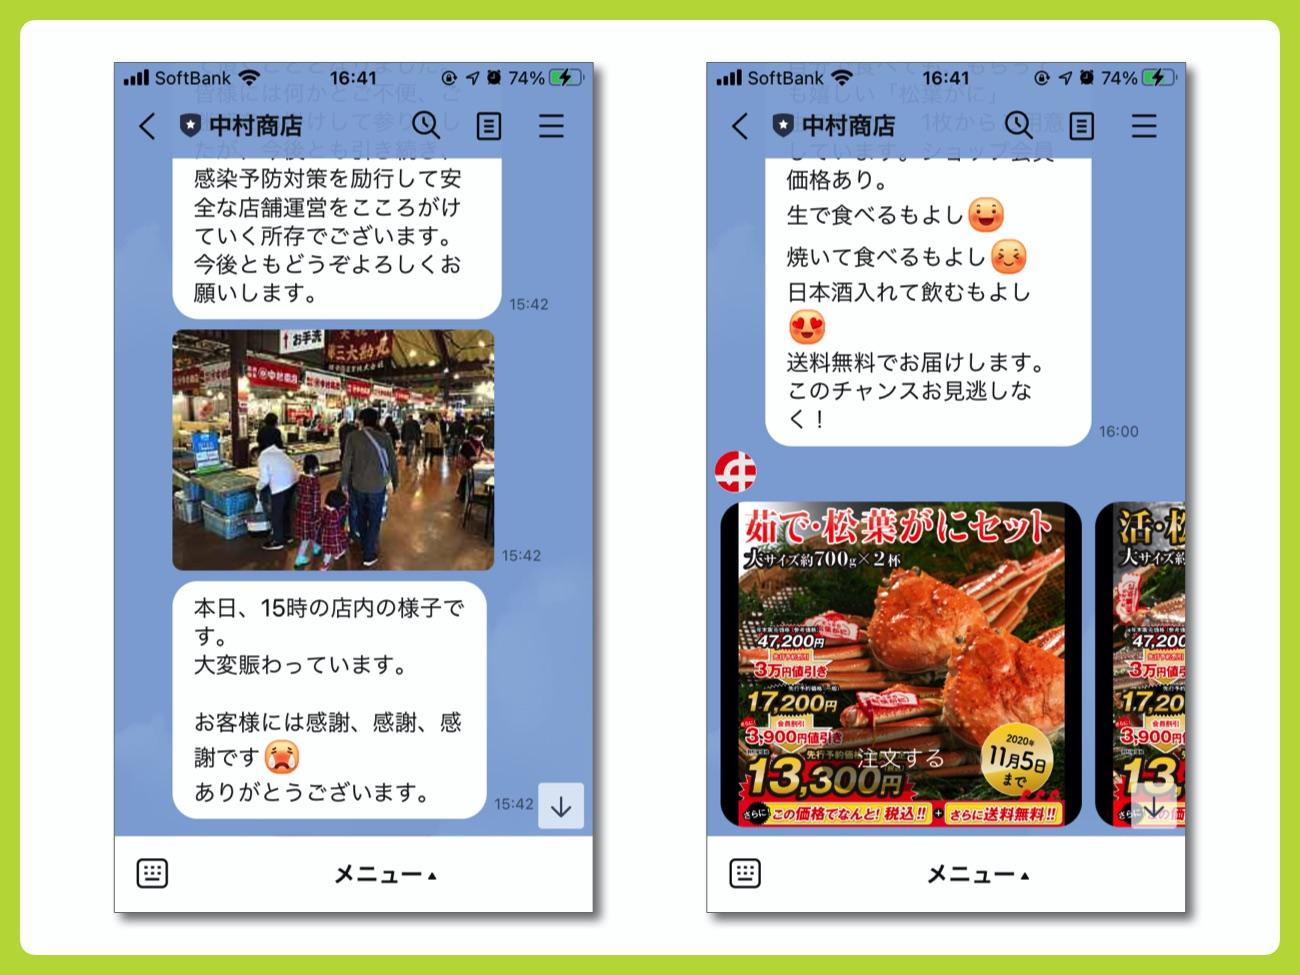 中村商店からのLINE